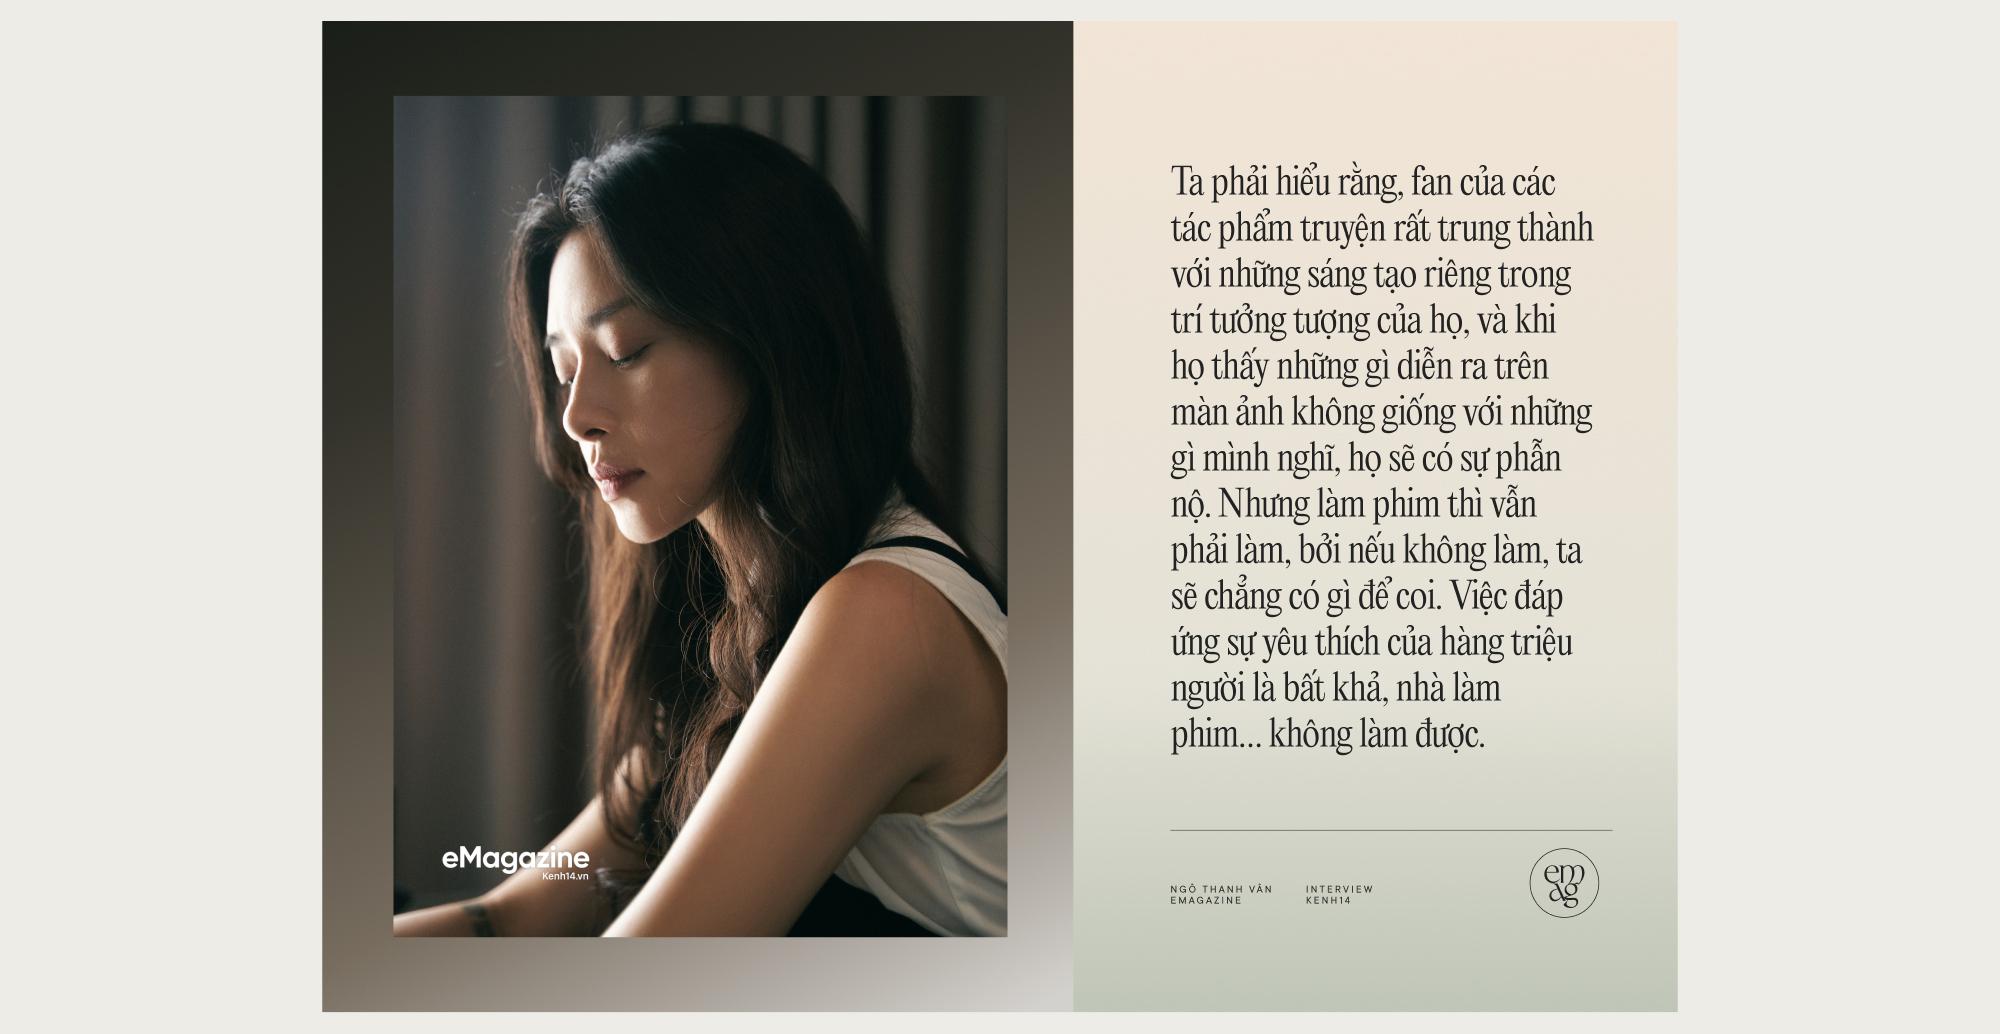 Ngô Thanh Vân: Các bạn chưa biết Trạng Tí nội dung thế nào đã phán như đúng rồi, như thể phim không hề được ủng hộ, tôi thấy rất chạnh lòng - Ảnh 31.